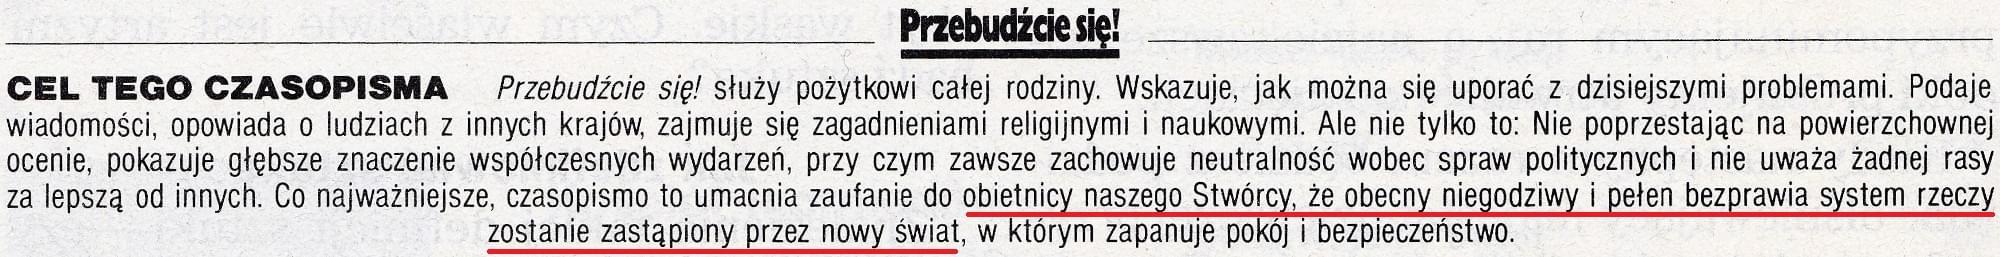 Przebudźcie się! 8 października 1995